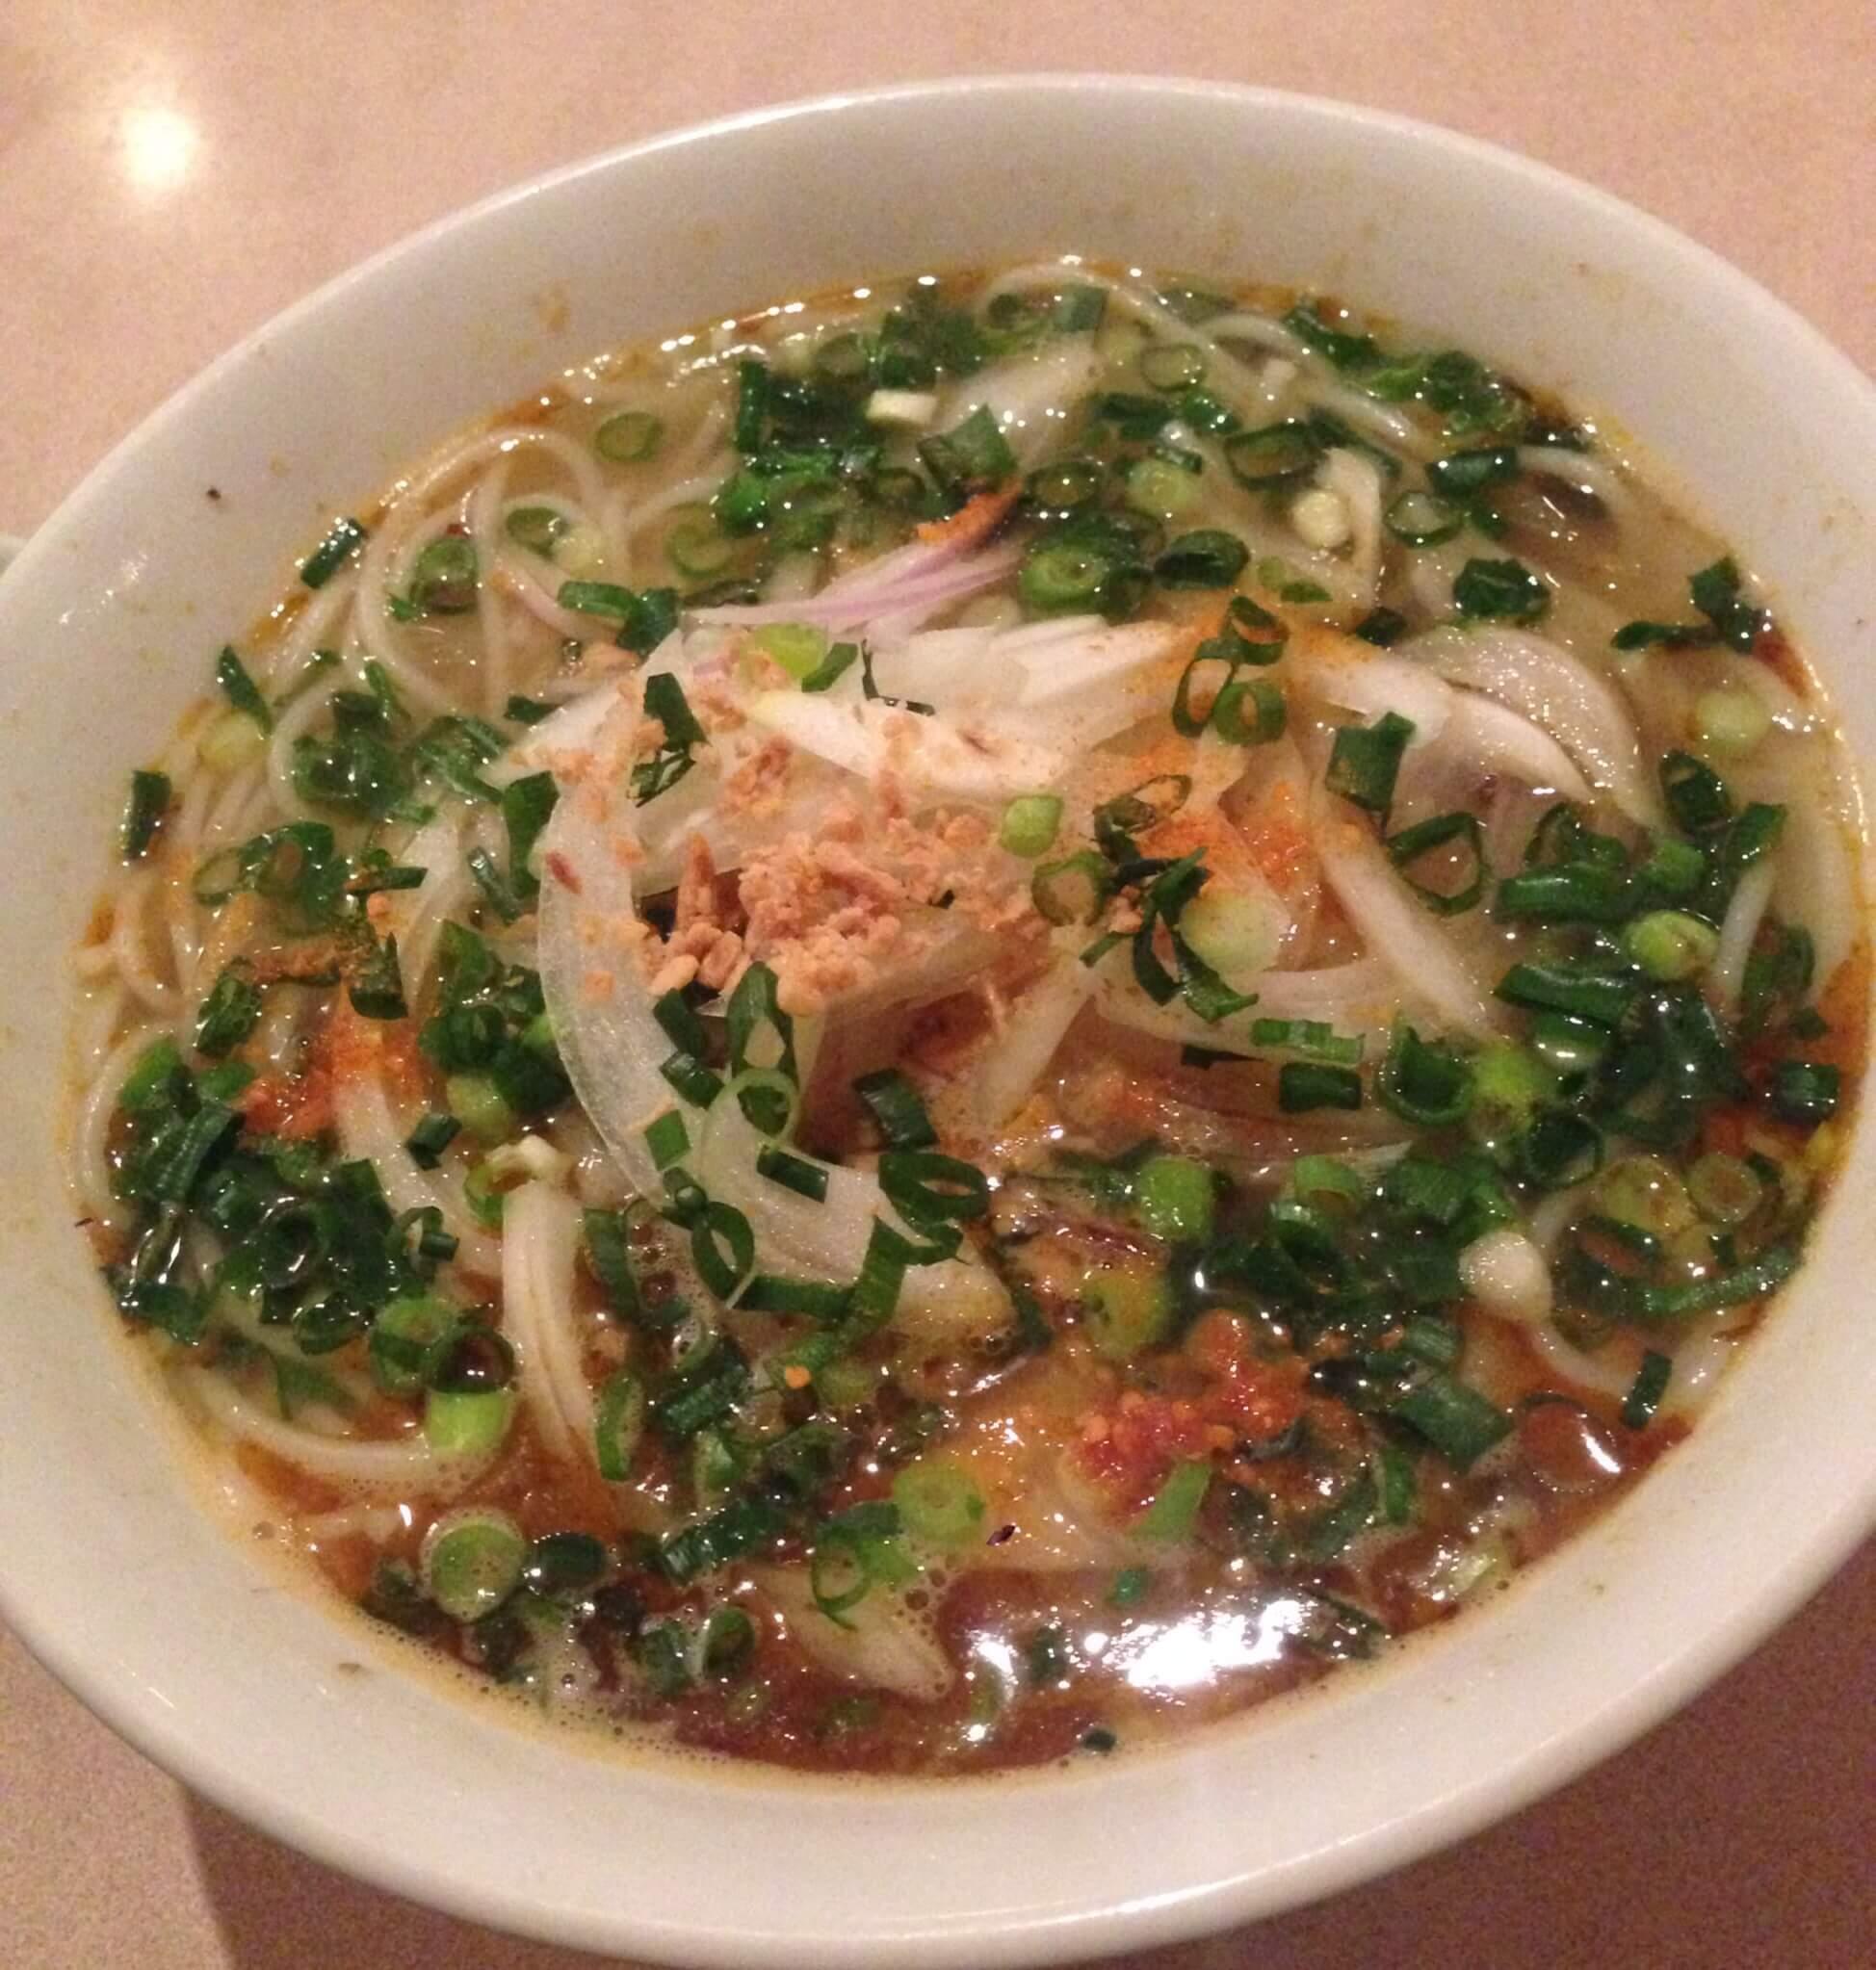 ミス・サイゴン 渋谷で食べる本場のベトナム料理!ブンボーフエうまし!